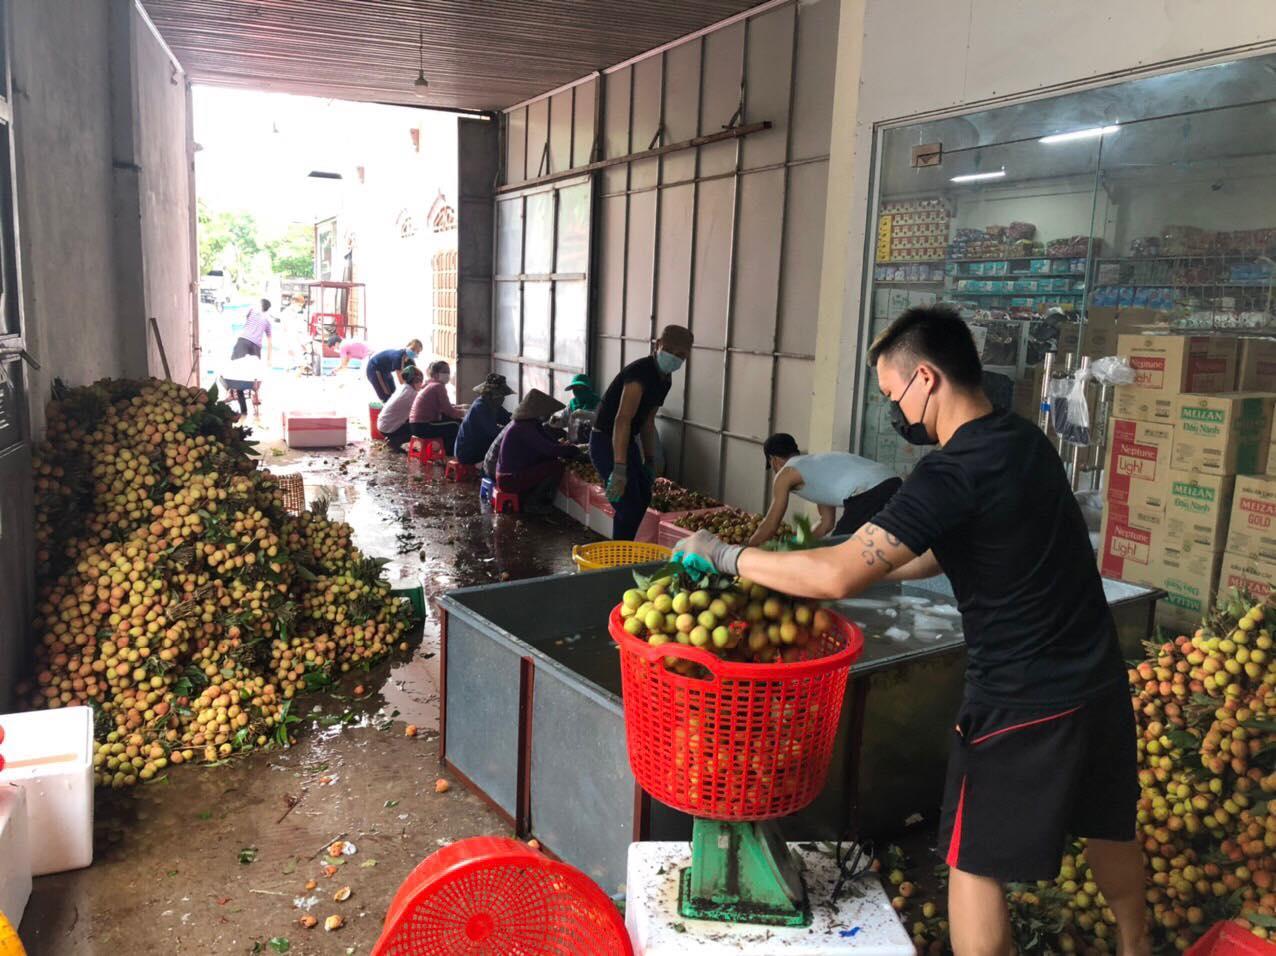 Vải thiều Bắc Giang bị ép giá còn 2.000 đồng/kg: Huyện khẳng định không đúng sự thật, đang truy kẻ loan tin xấu - Ảnh 3.